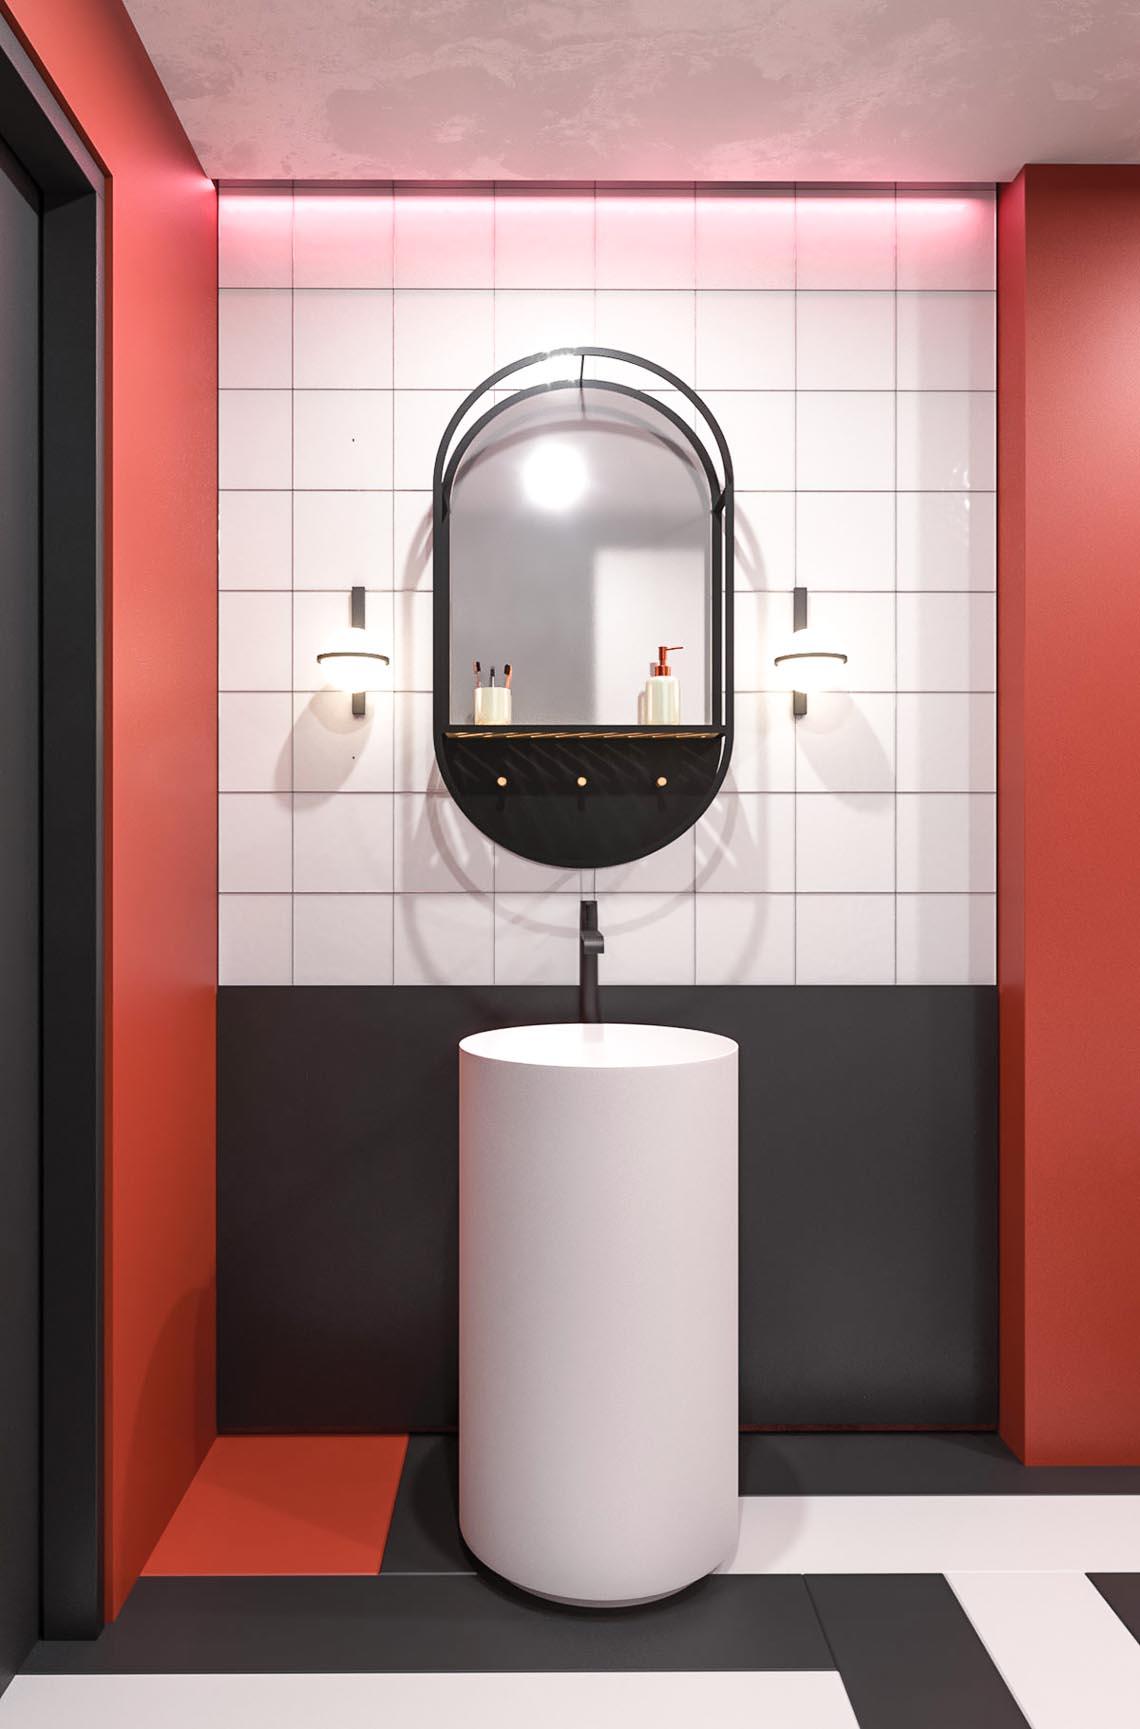 Thiết kế nội thất hiện đại với tông màu đỏ và xám theo phong cách Nhật Bản-13